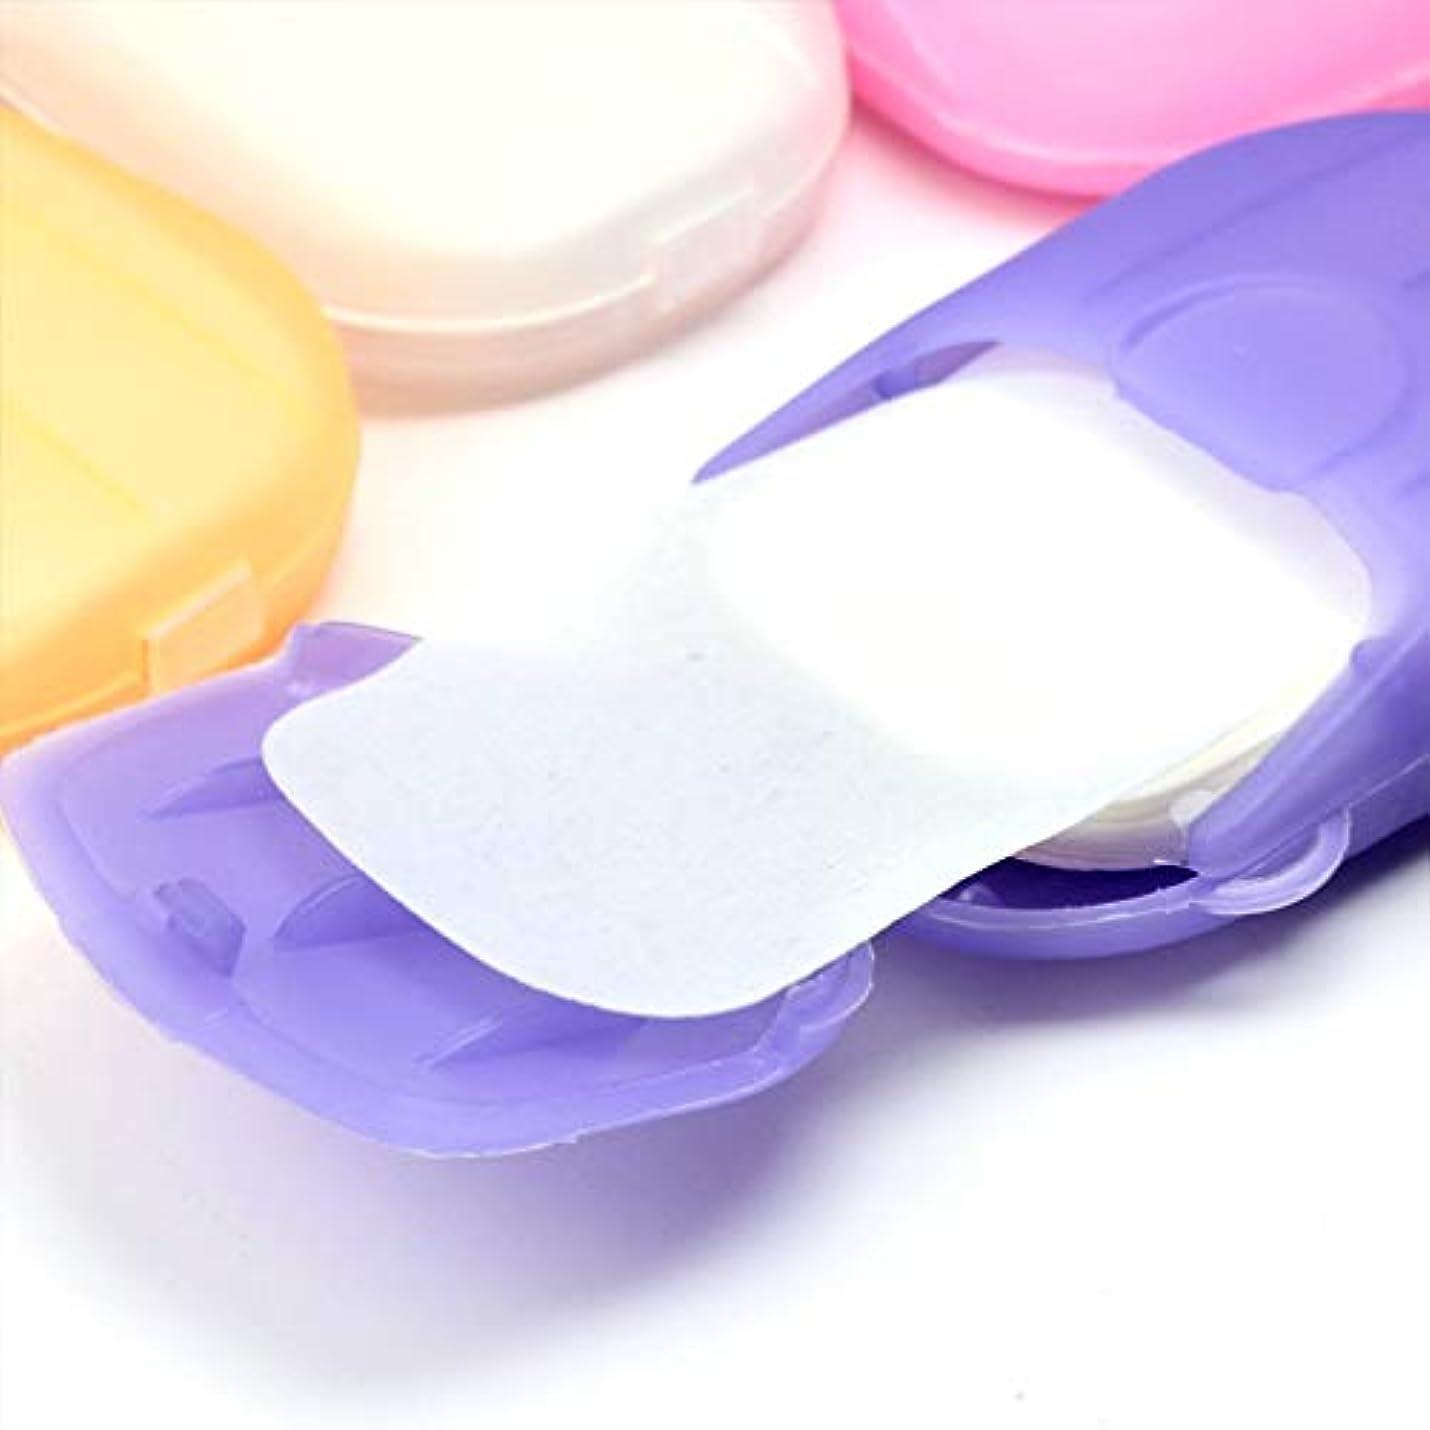 抗生物質グラマー倒産1PCS小型携帯手洗い石鹸フレークランダムカラー